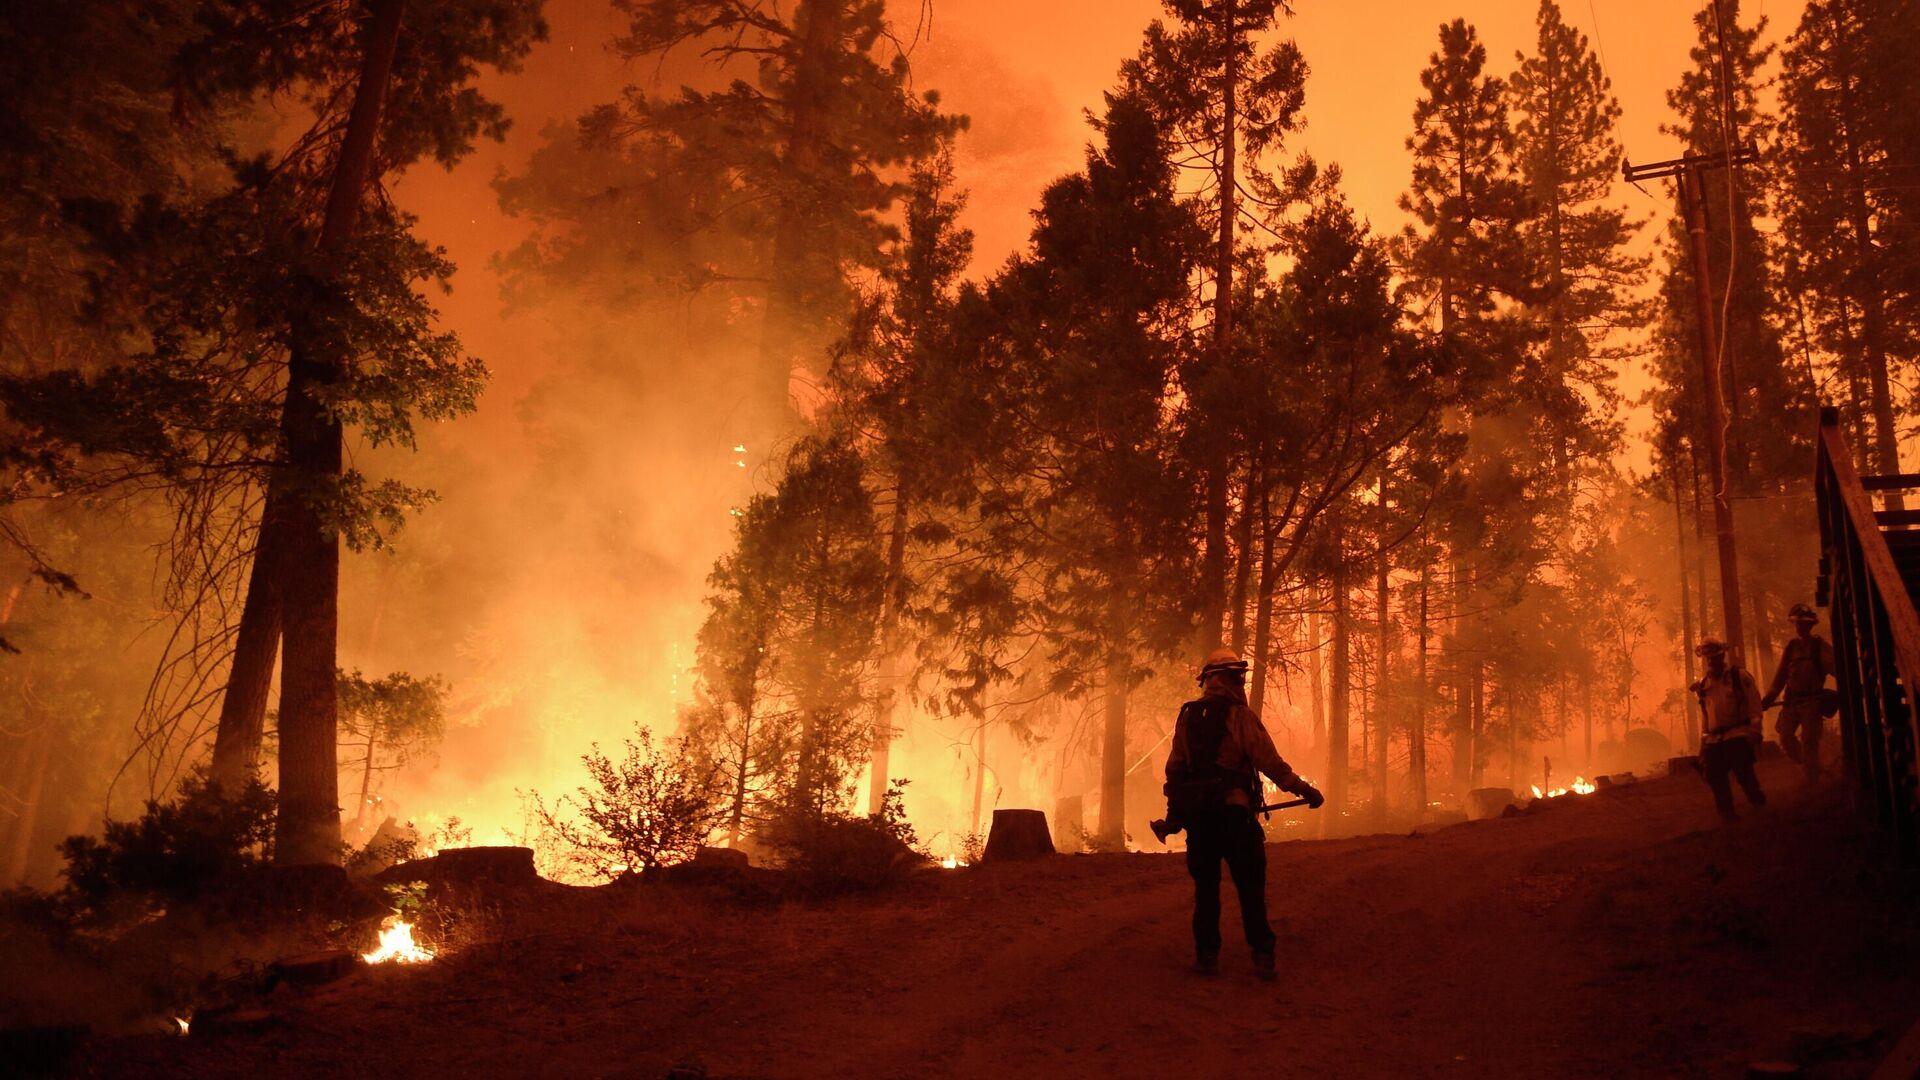 Пожарные во время тушения лесного пожара в штате Калифорния - РИА Новости, 1920, 12.09.2020